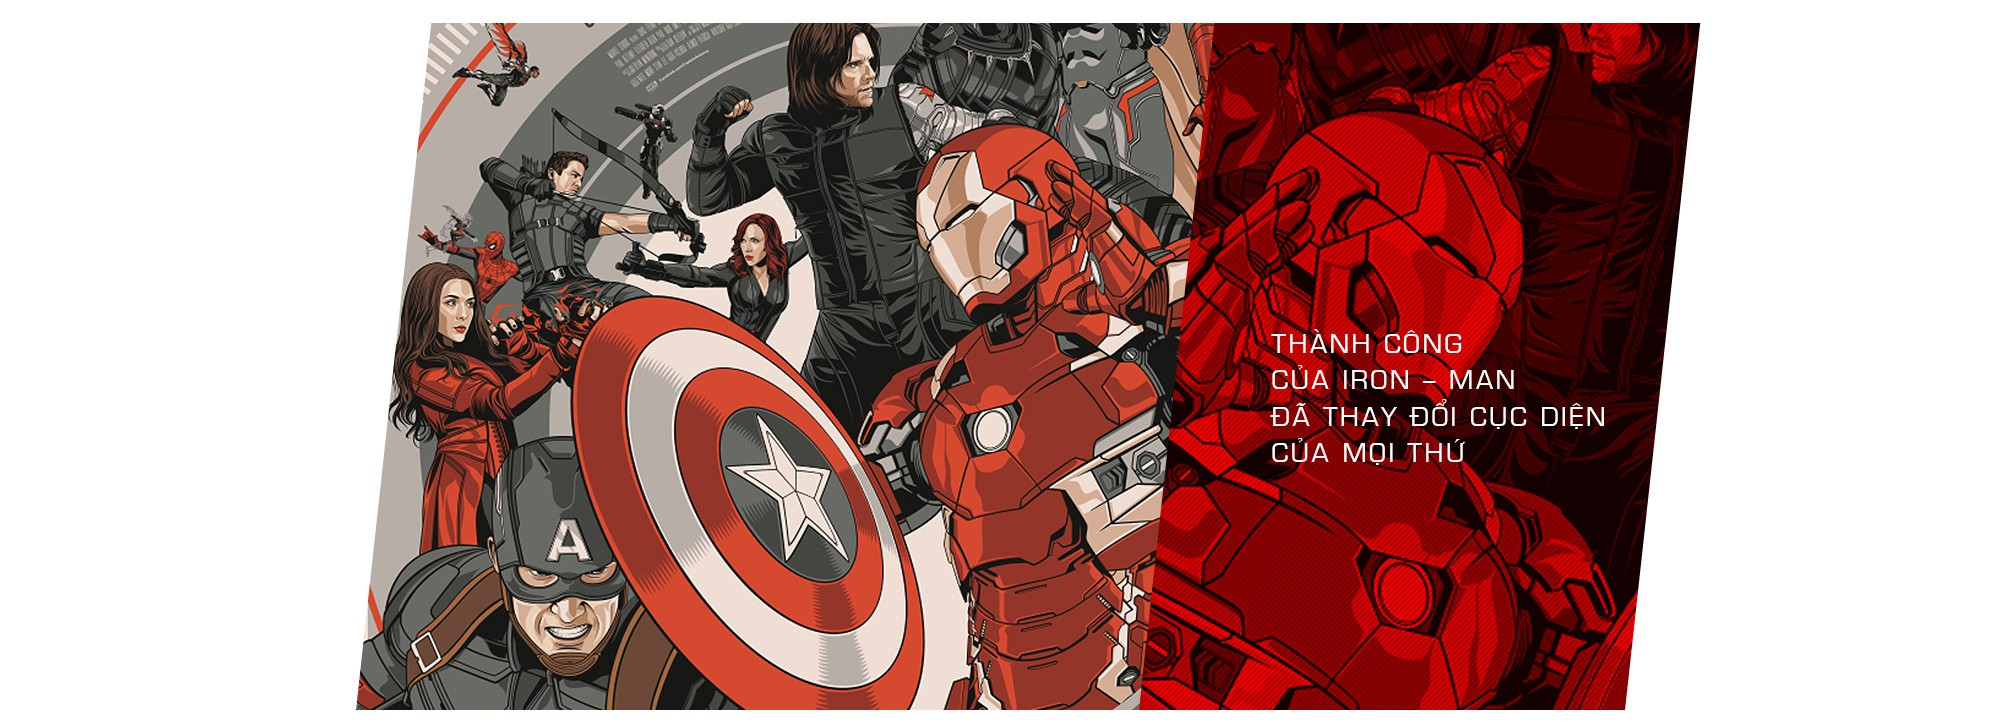 10 năm đi vào lịch sử làng điện ảnh của Marvel: Từ vực sâu phá sản cho đến người khổng lồ của đế chế phim siêu anh hùng - Ảnh 6.